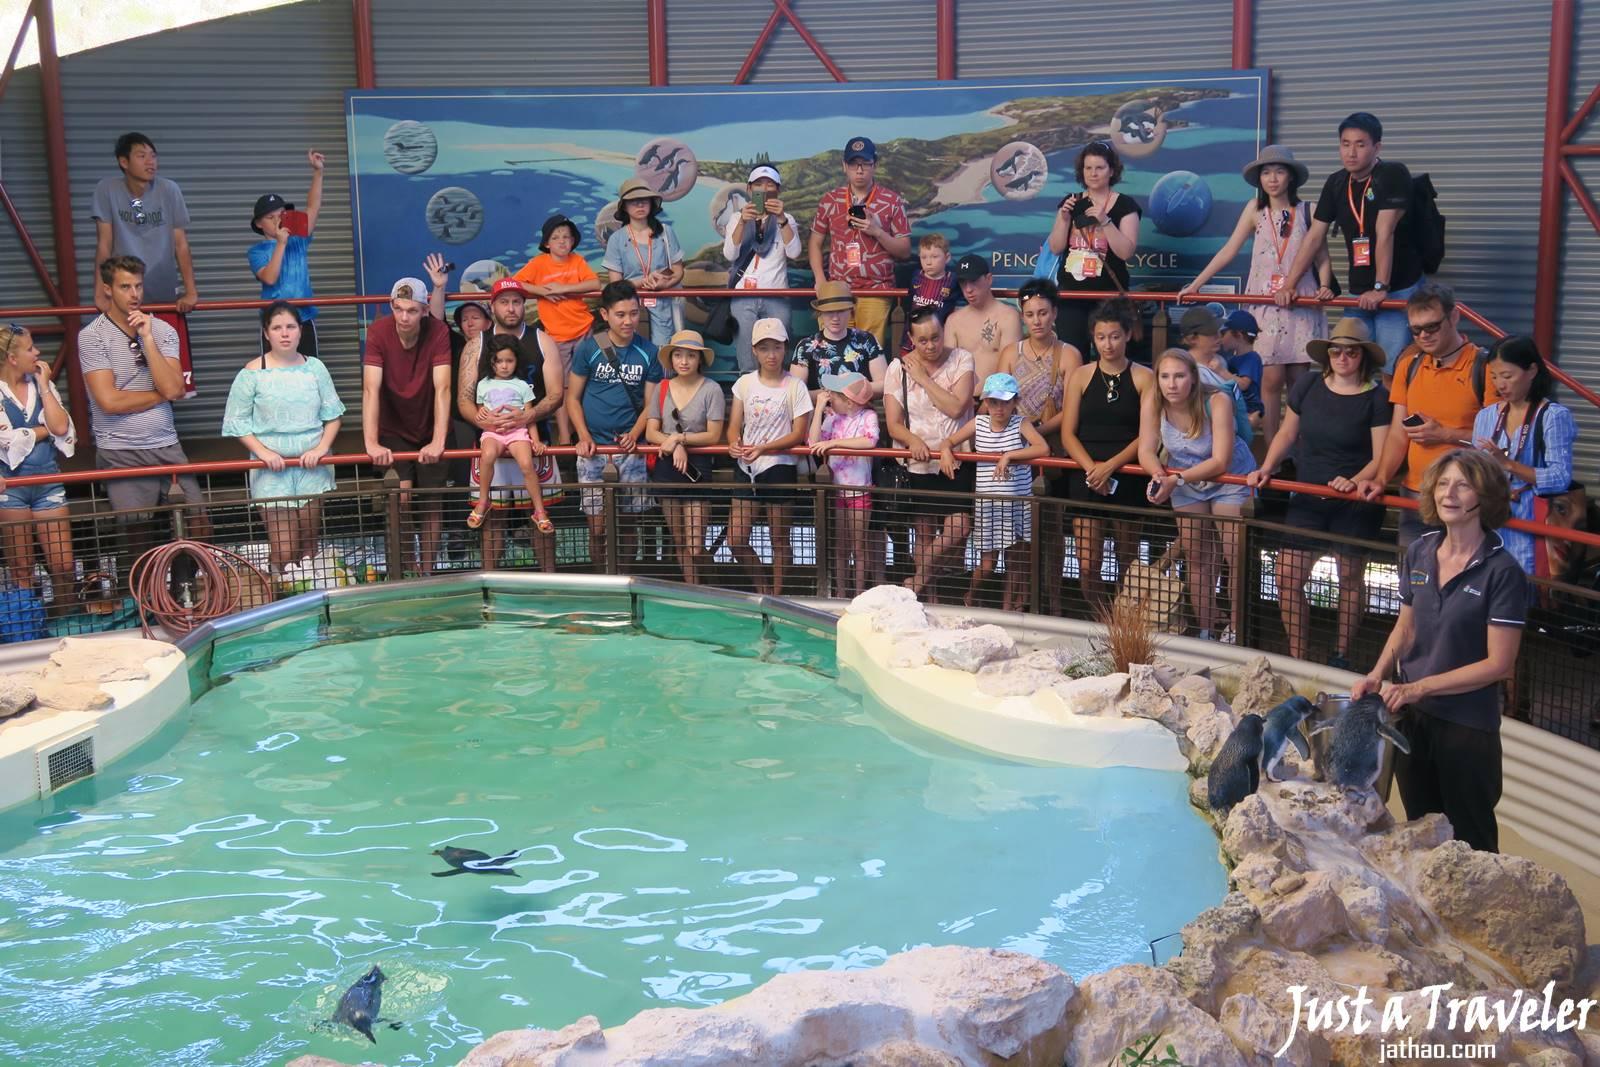 澳洲-伯斯-景點-推薦-企鵝島-Penguin-Island-必玩-必去-自由行-行程-攻略-旅遊-一日遊-二日遊-Perth-Travel-Tourist-Attraction